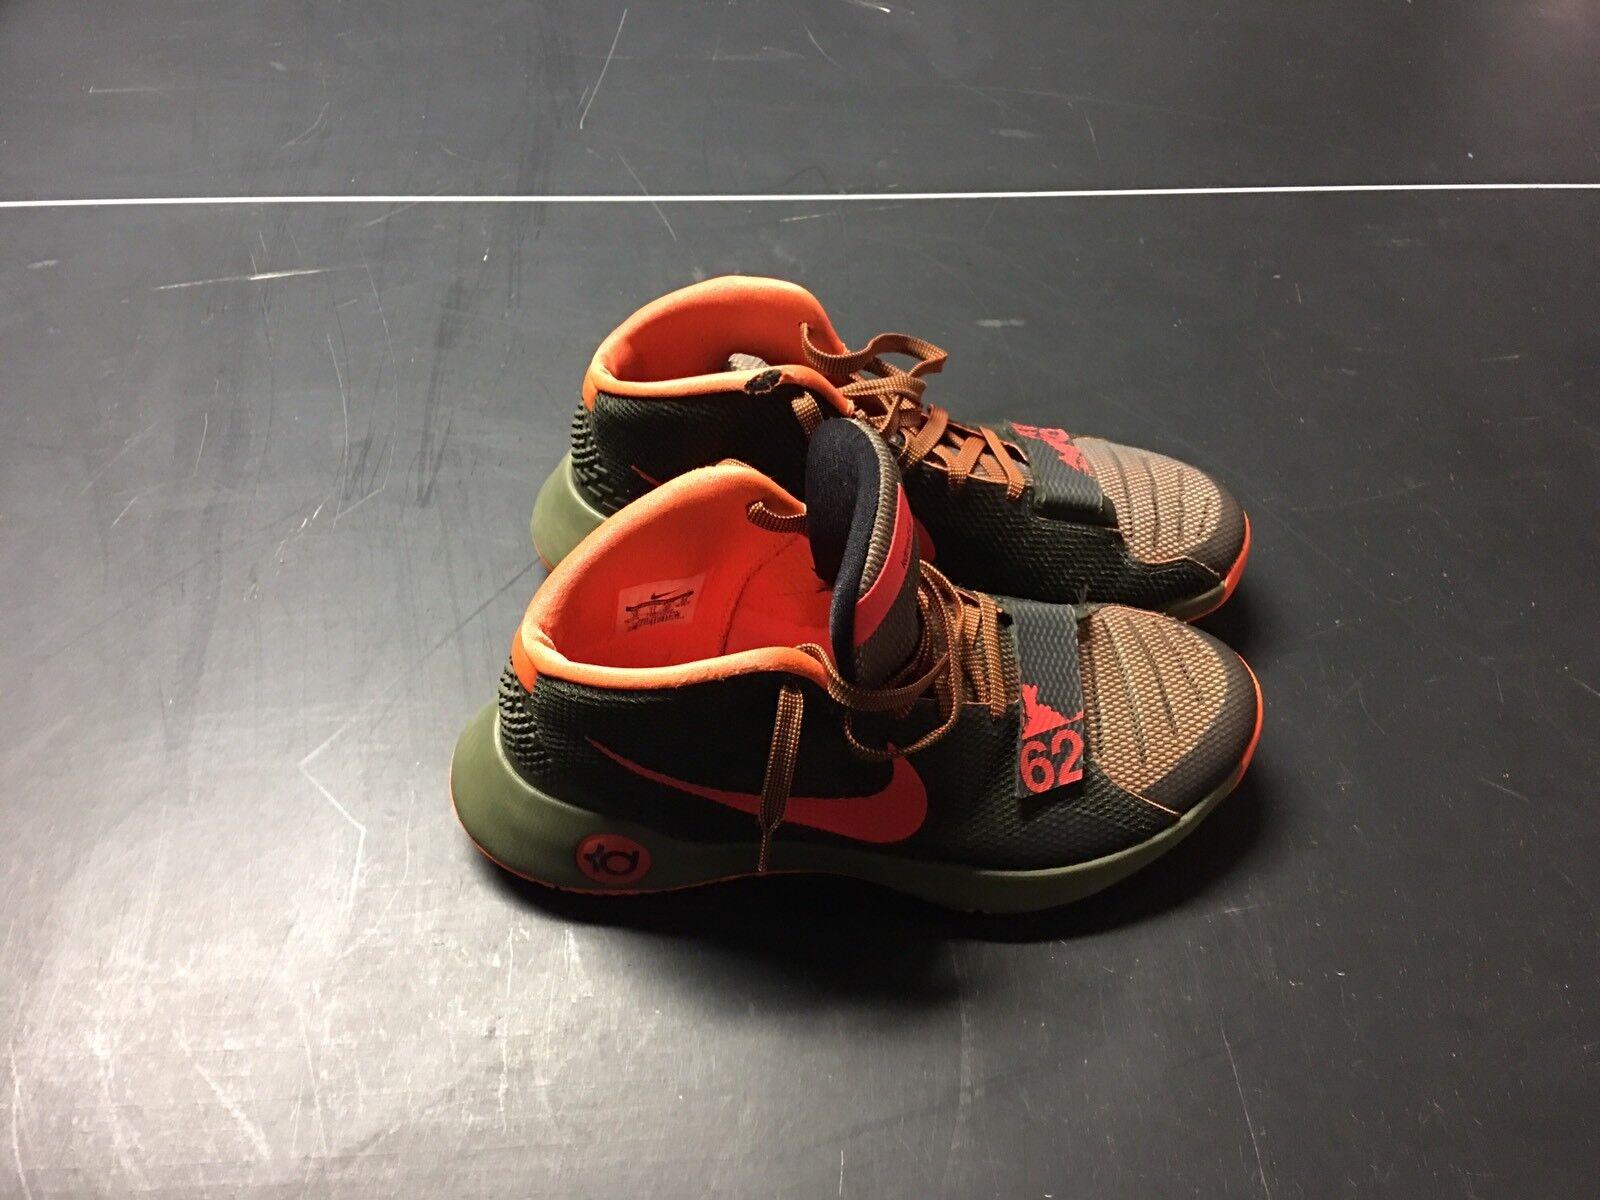 Kd Trey 5 Size 11.5